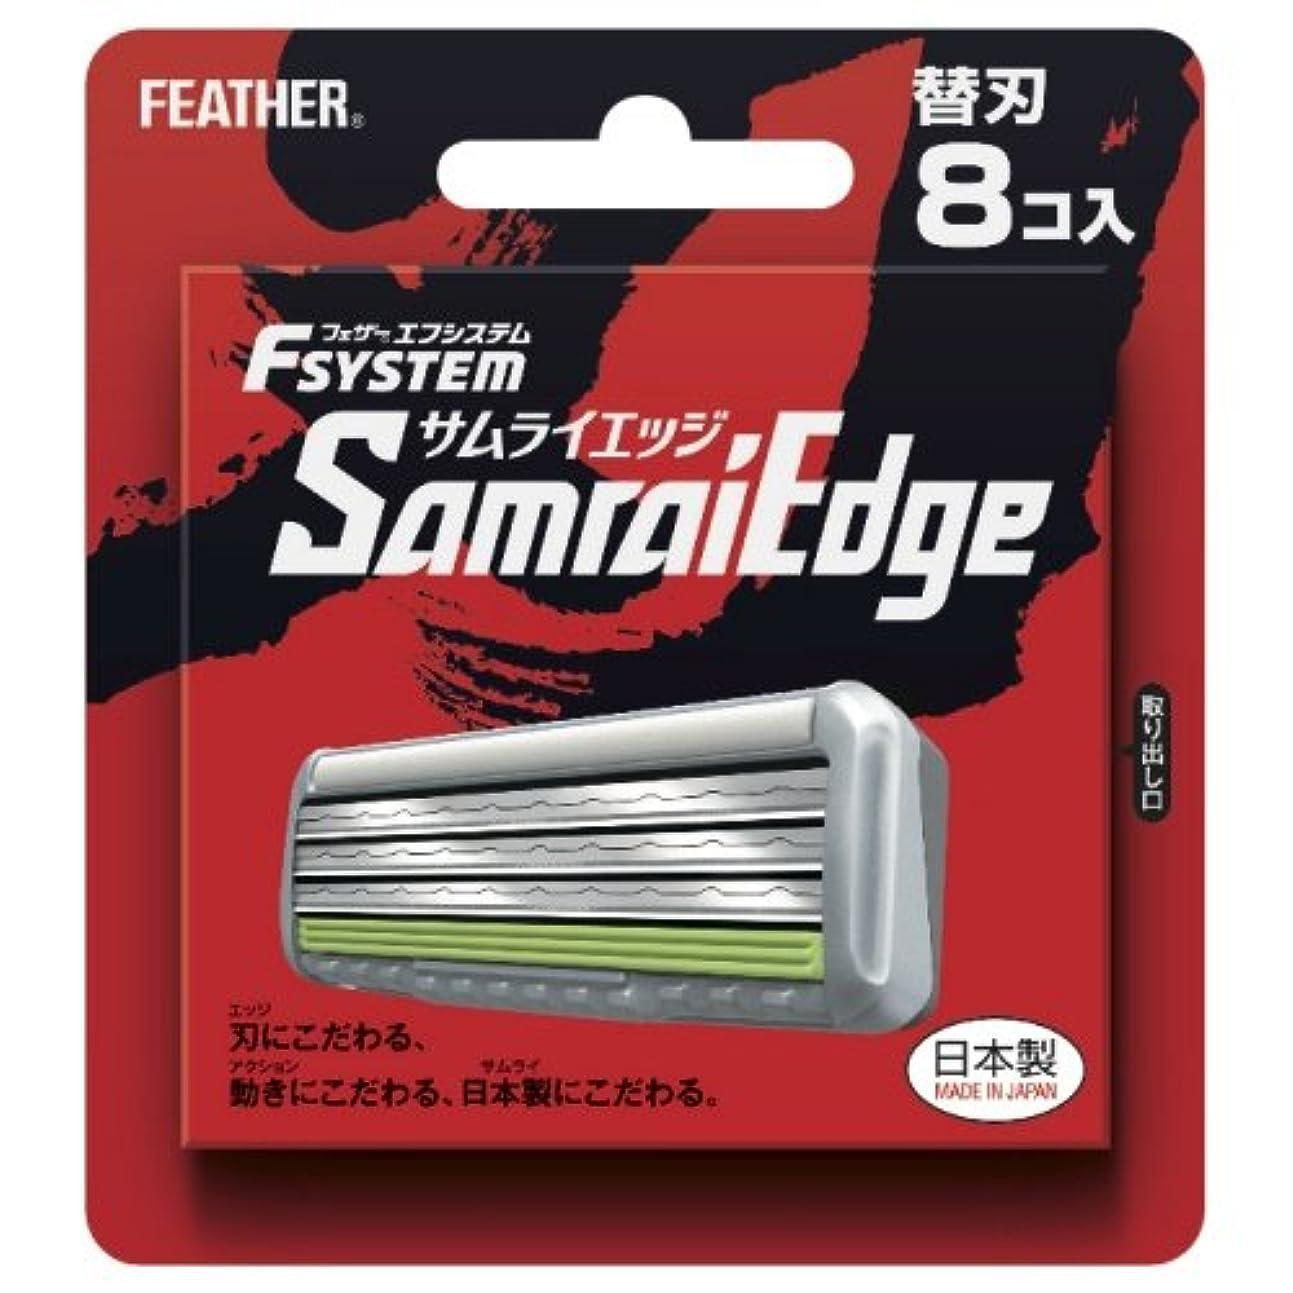 バランスのとれた私達サロンフェザー エフシステム 替刃 サムライエッジ 8コ入 (日本製)